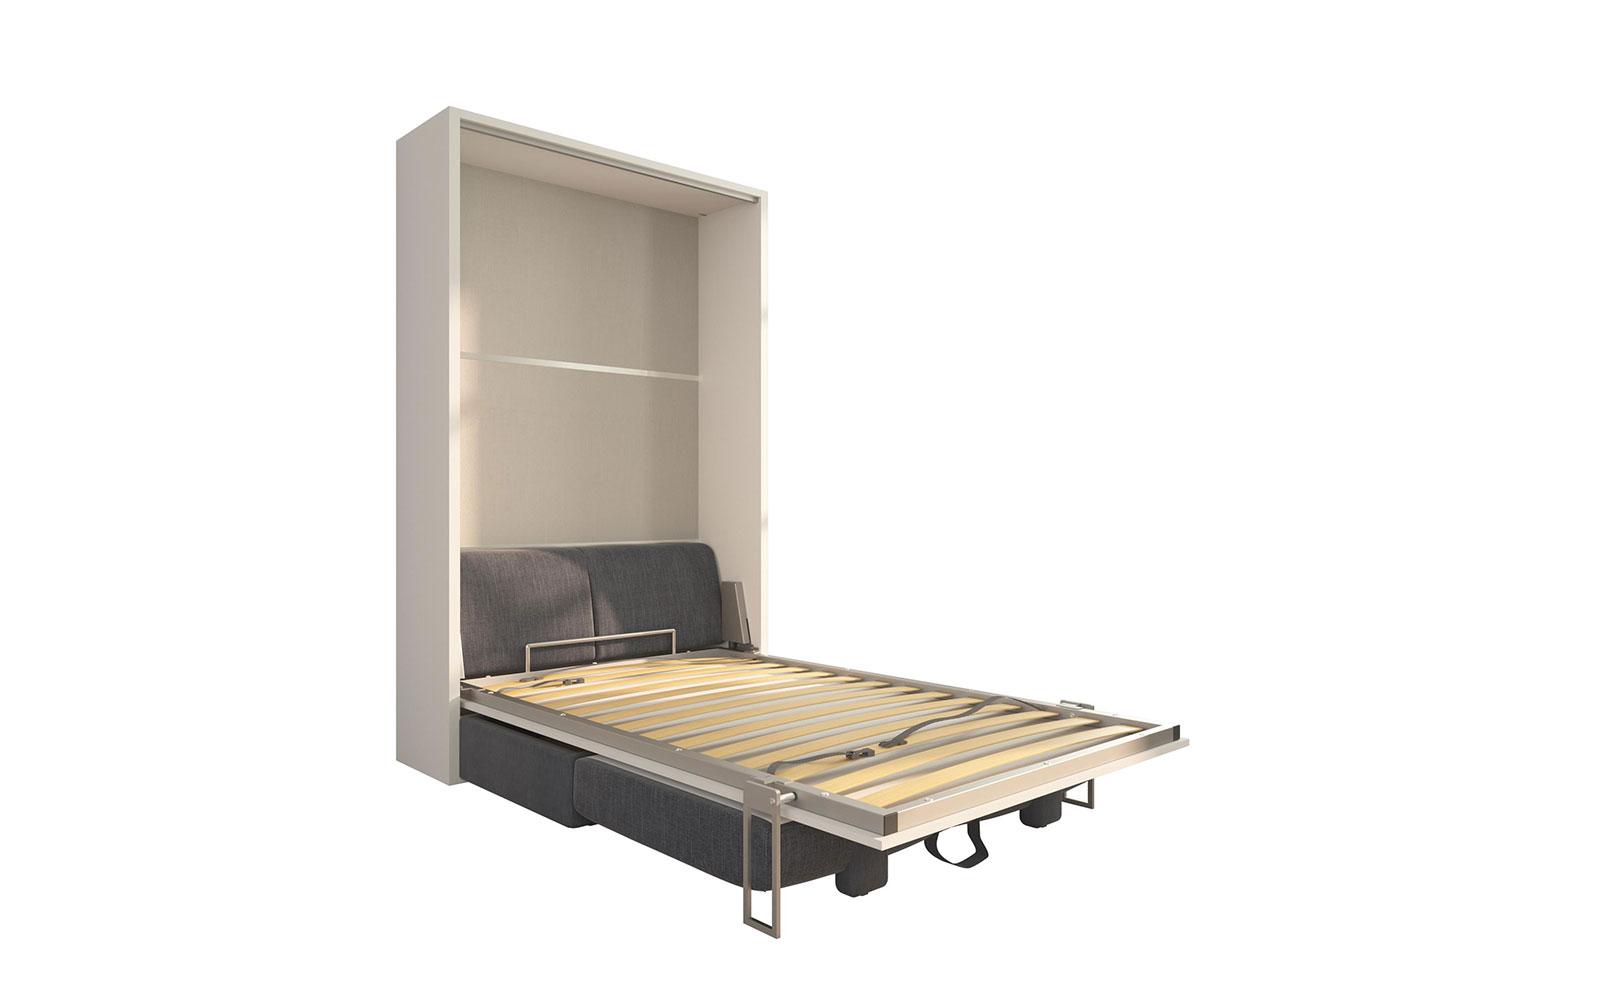 Letti Per Ospiti Salvaspazio piuma sofa 120 easy - letto piazza e mezzo a scomparsa con divano  contenitore